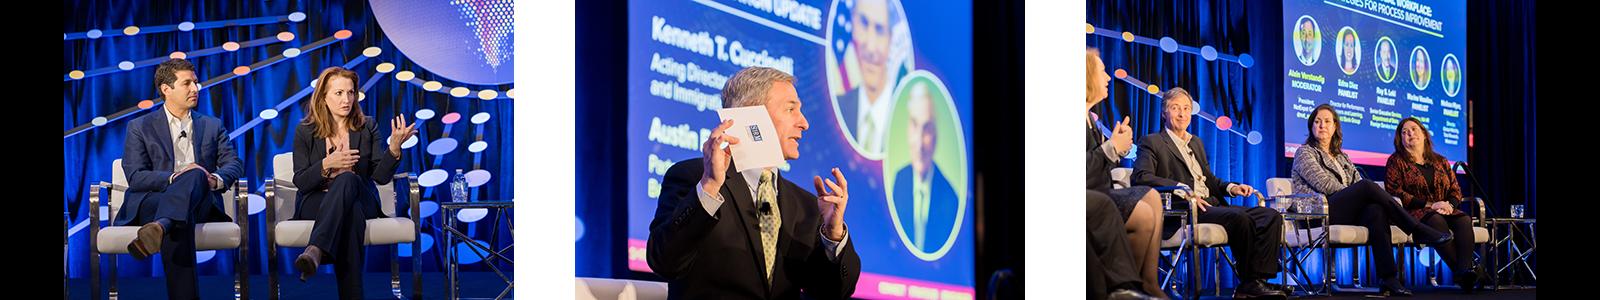 Photos of 2019 speakers